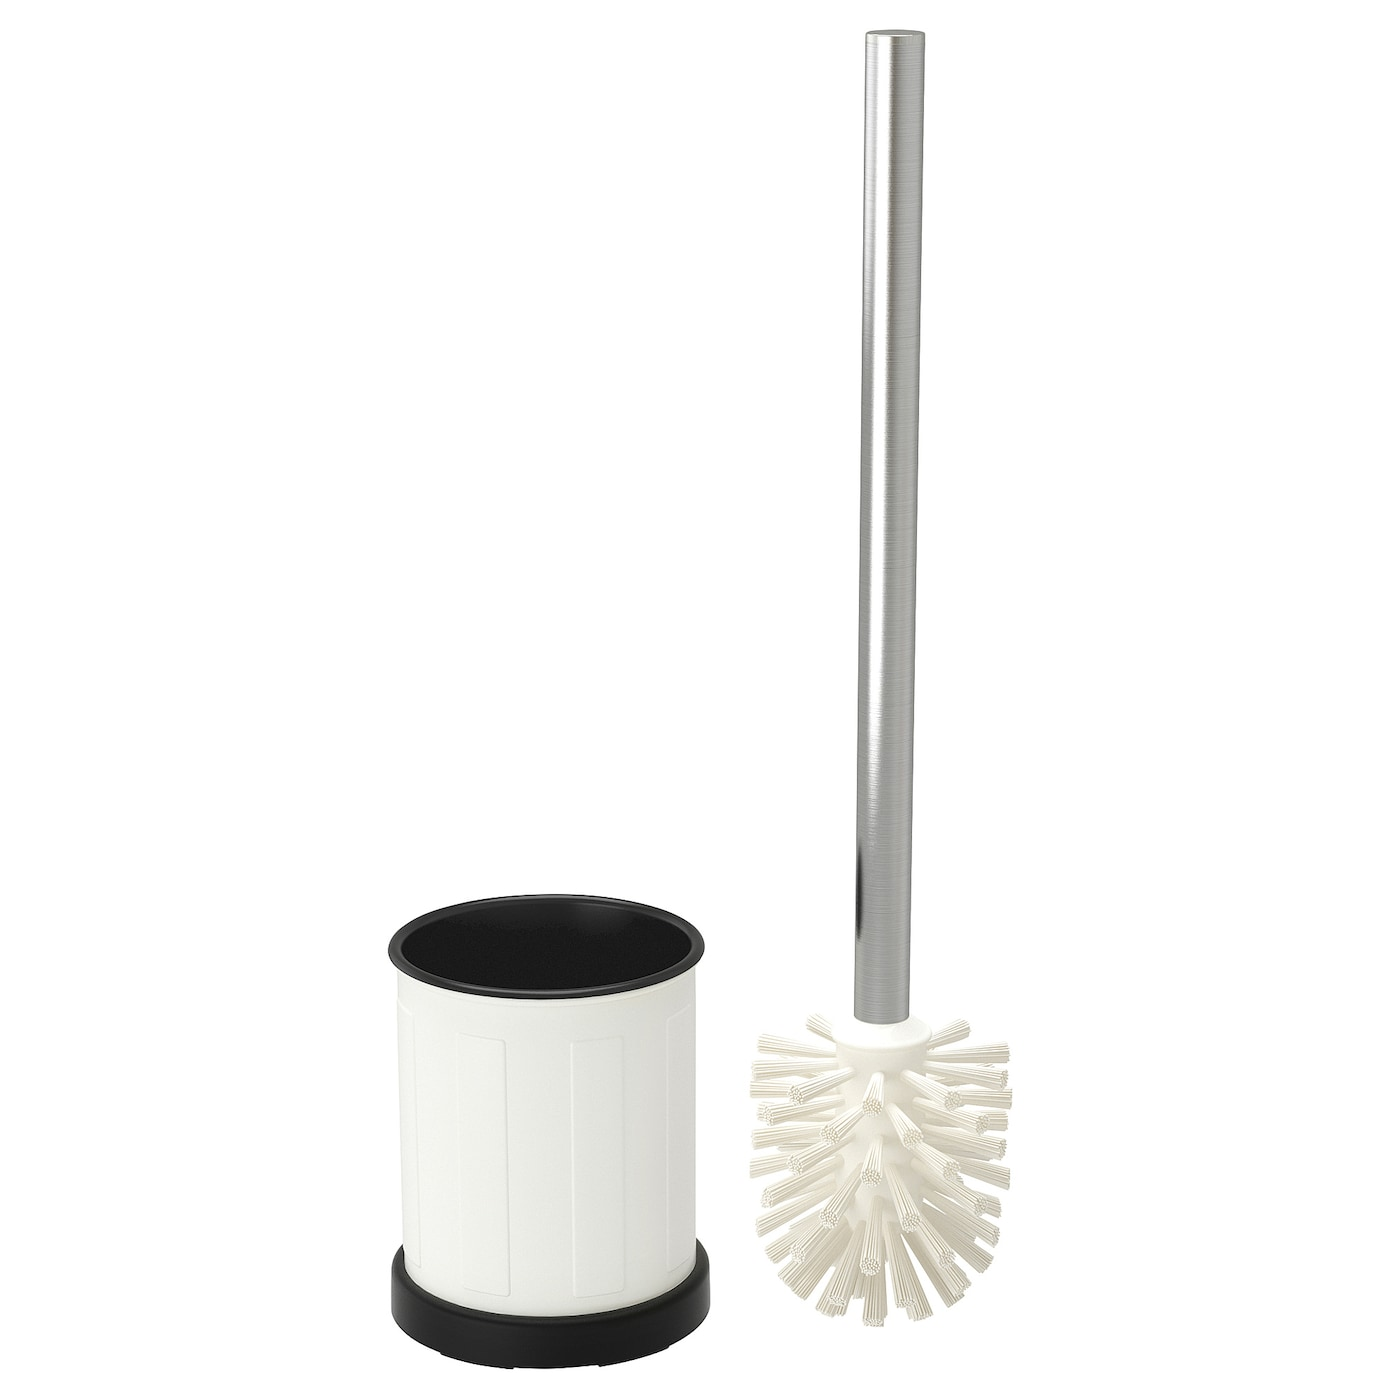 IKEA HEJAREN Replacement Toilet Brush White NEW